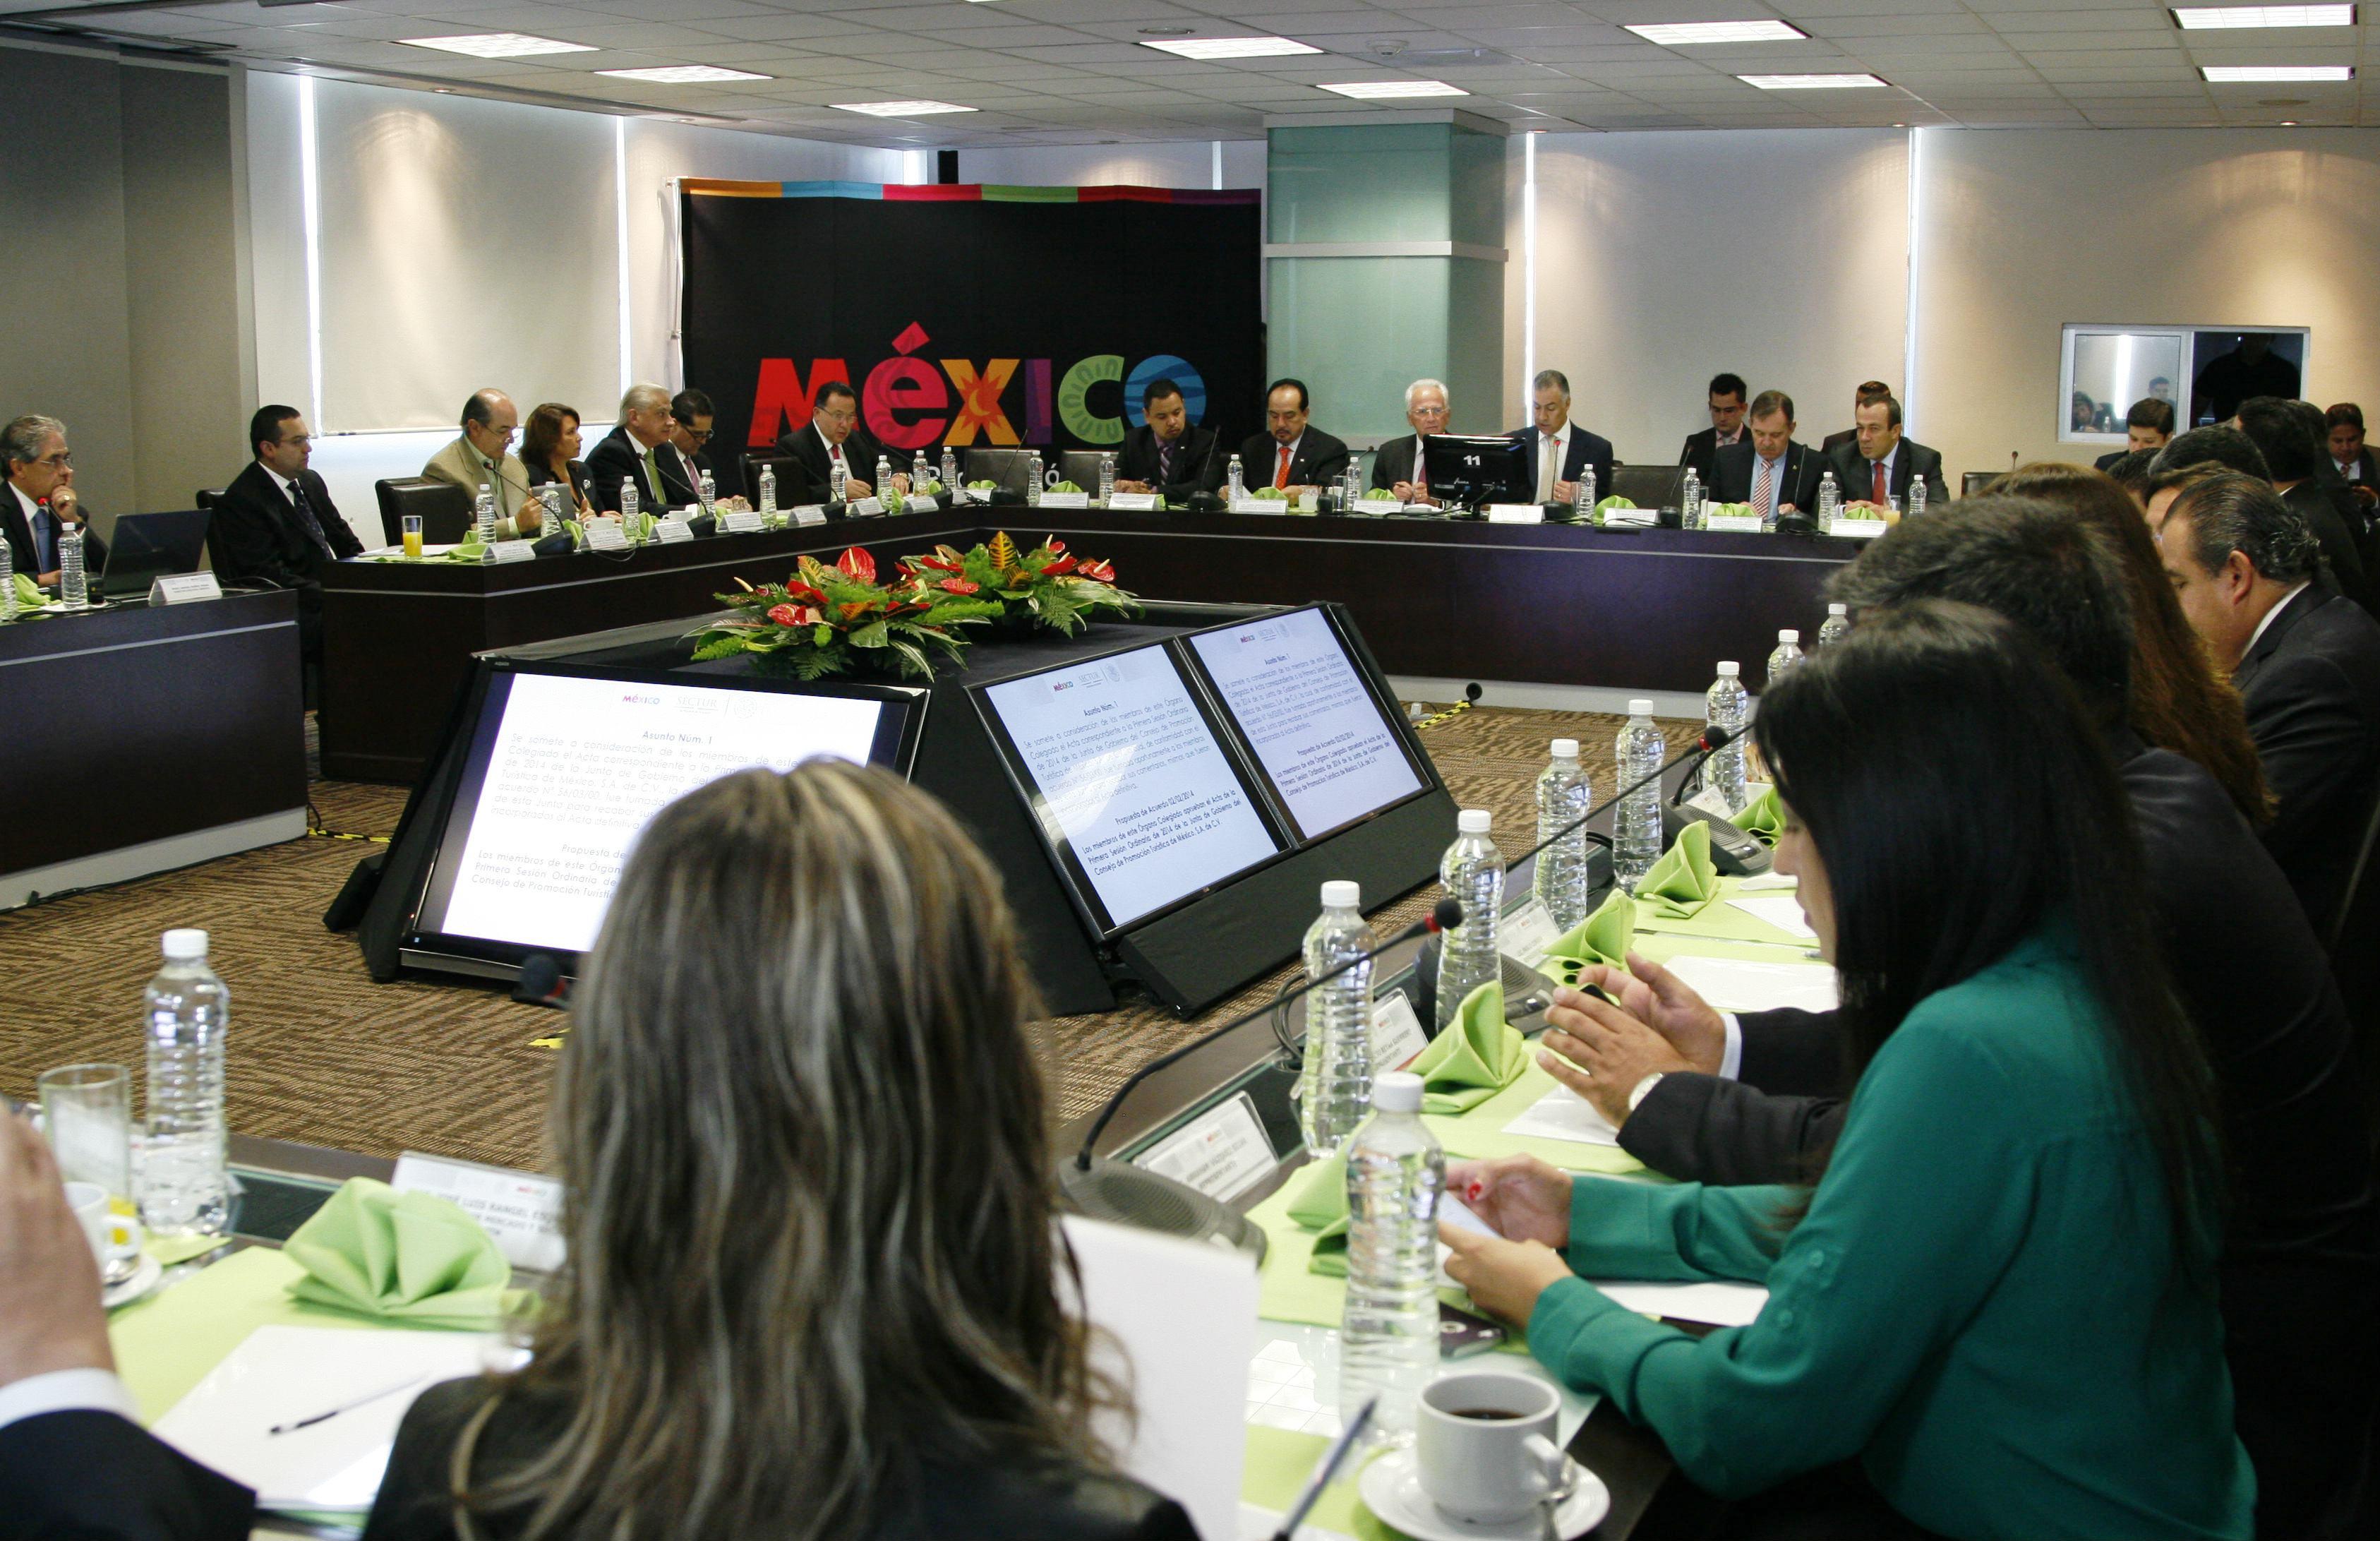 Segunda Sesión Ordinaria 2014 de la Junta de Gobierno del Consejo de Promoción Turística de México.